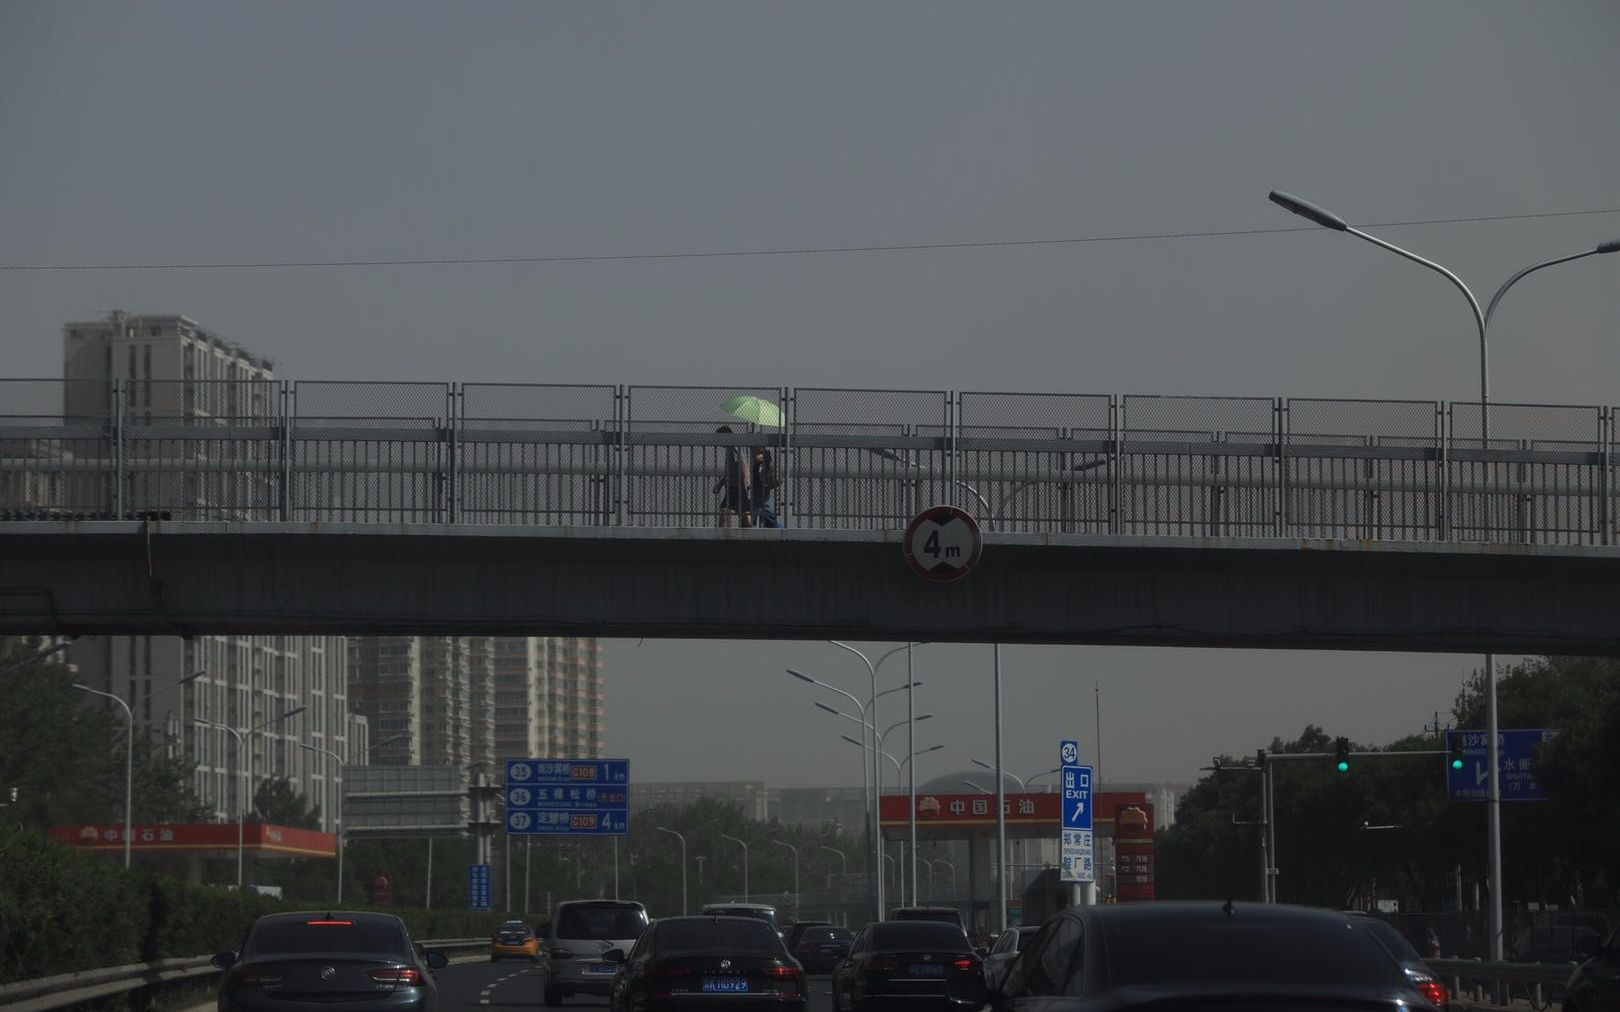 北京城区和大兴污染最重,官方建议减少外出图片